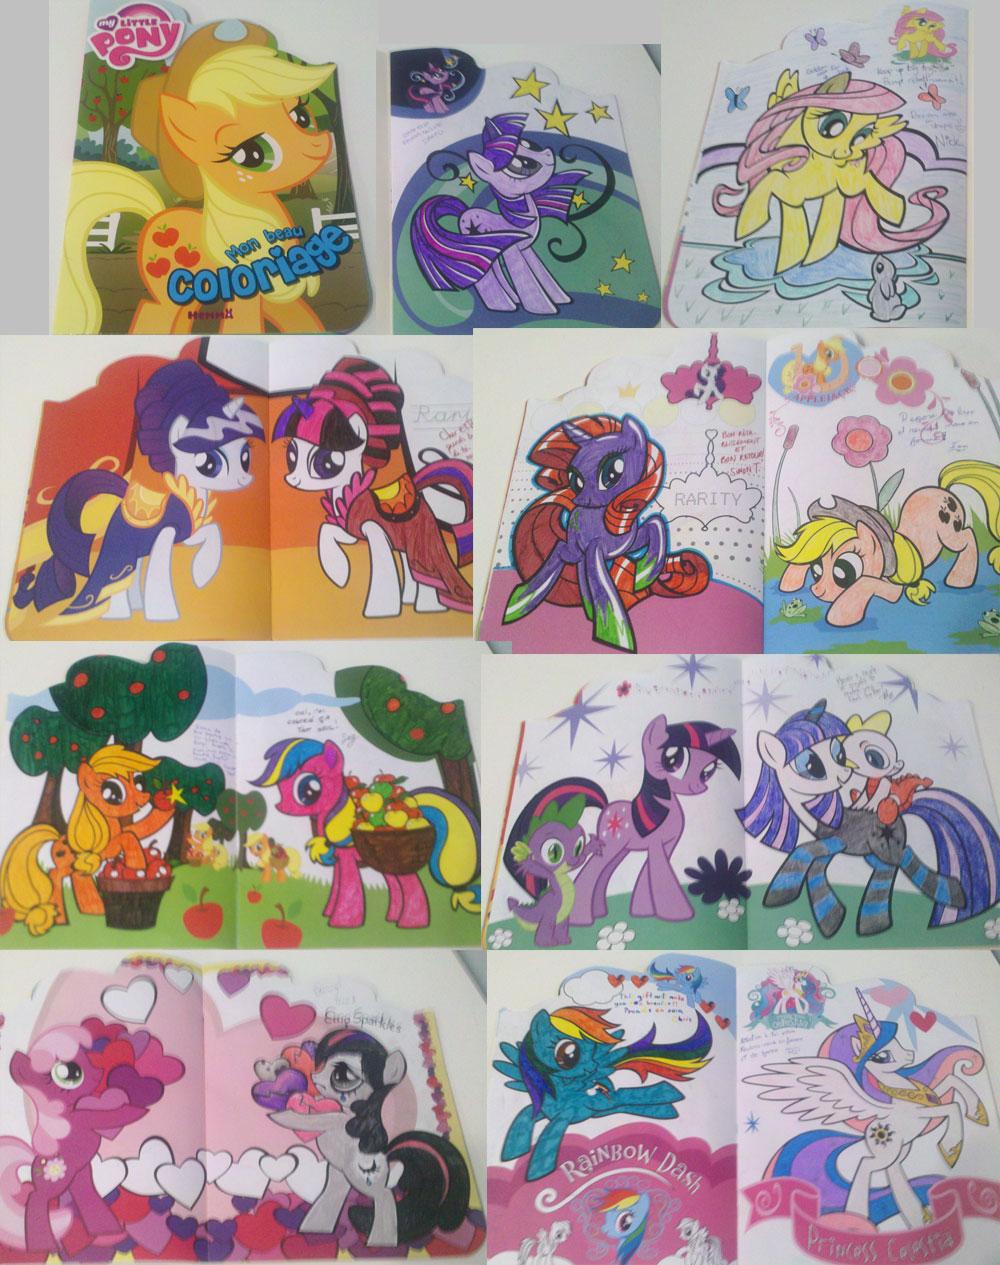 ragns ponies